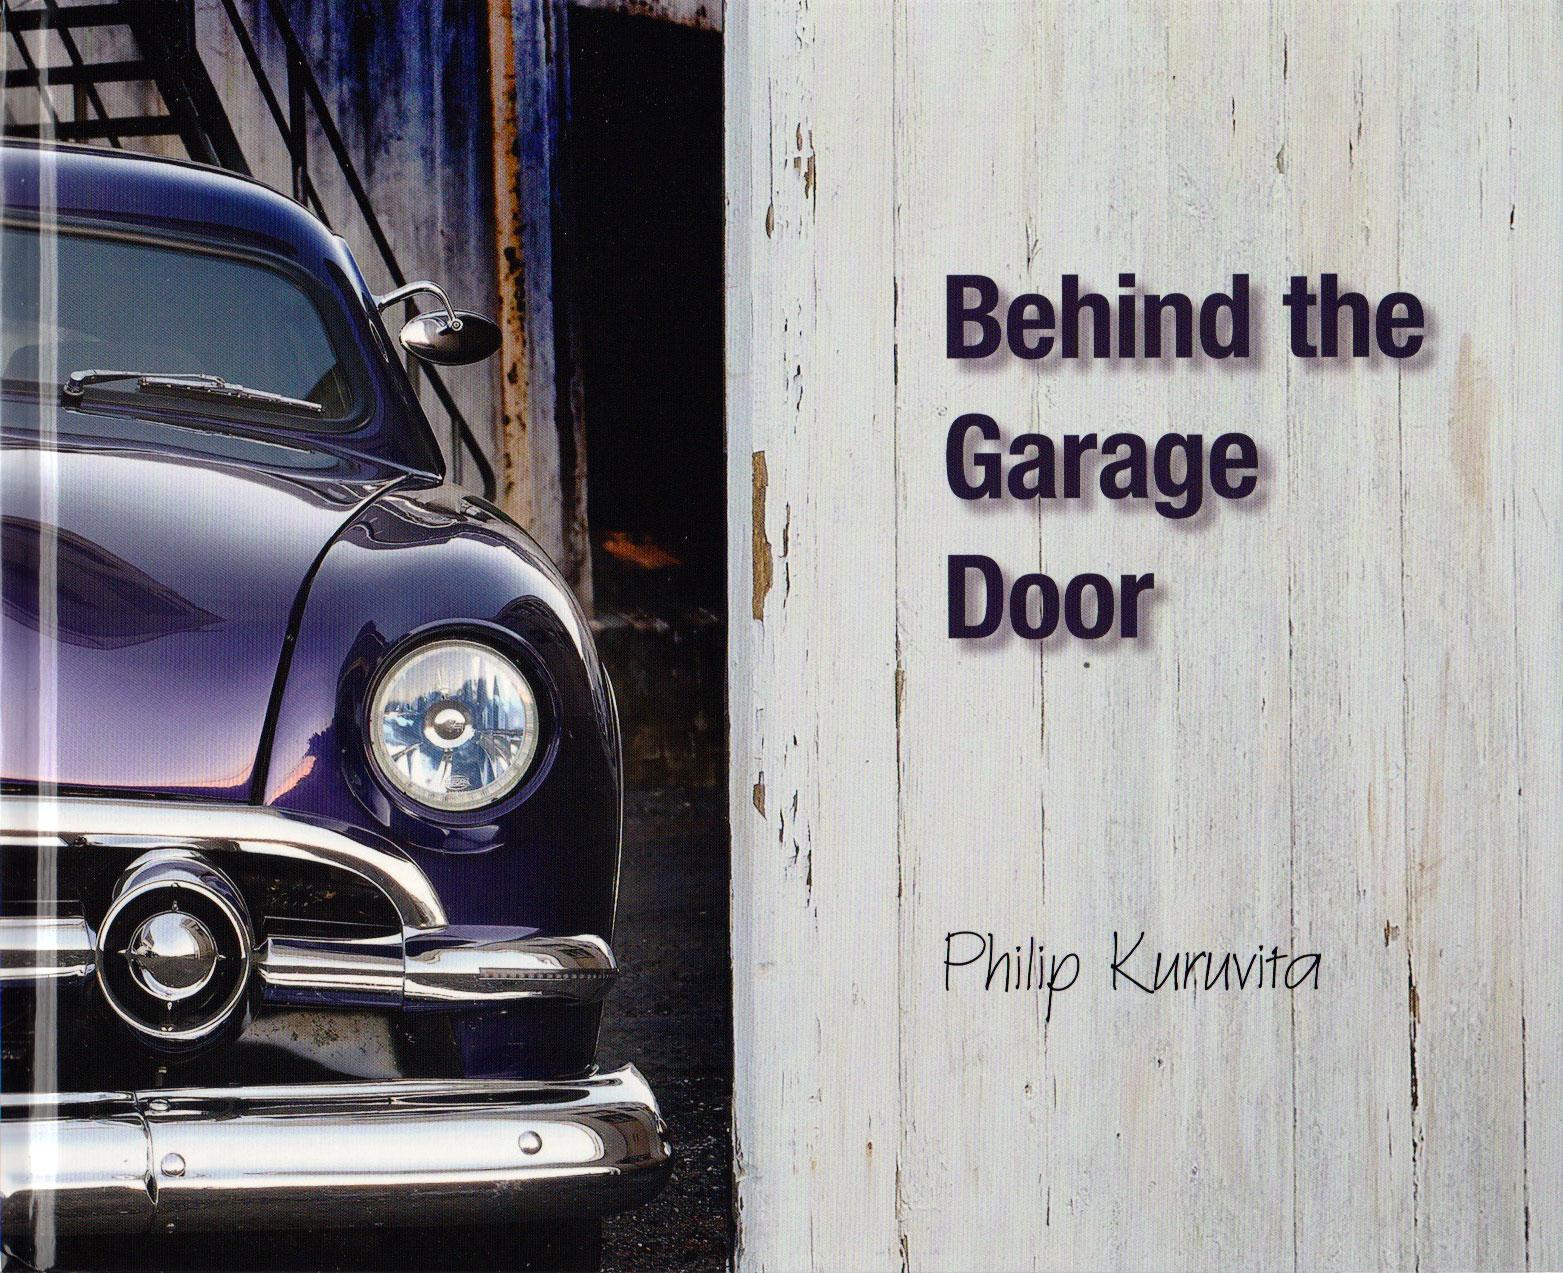 Behind the Garage Door